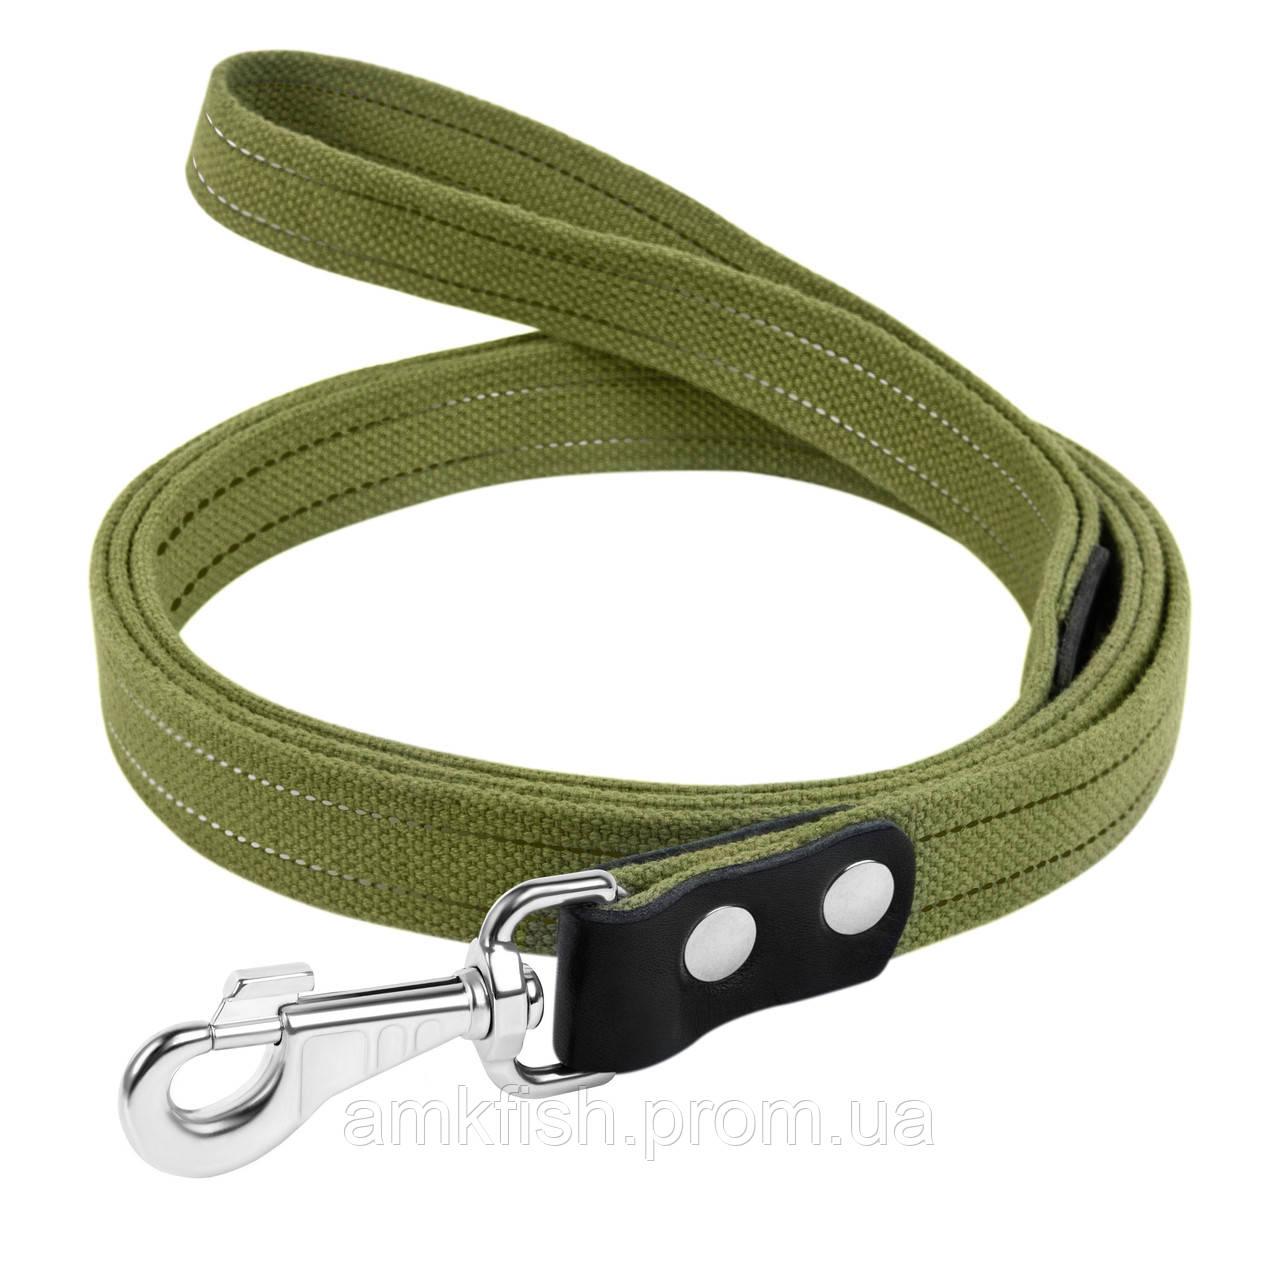 Поводок Collar брезент для собак 200смх25мм